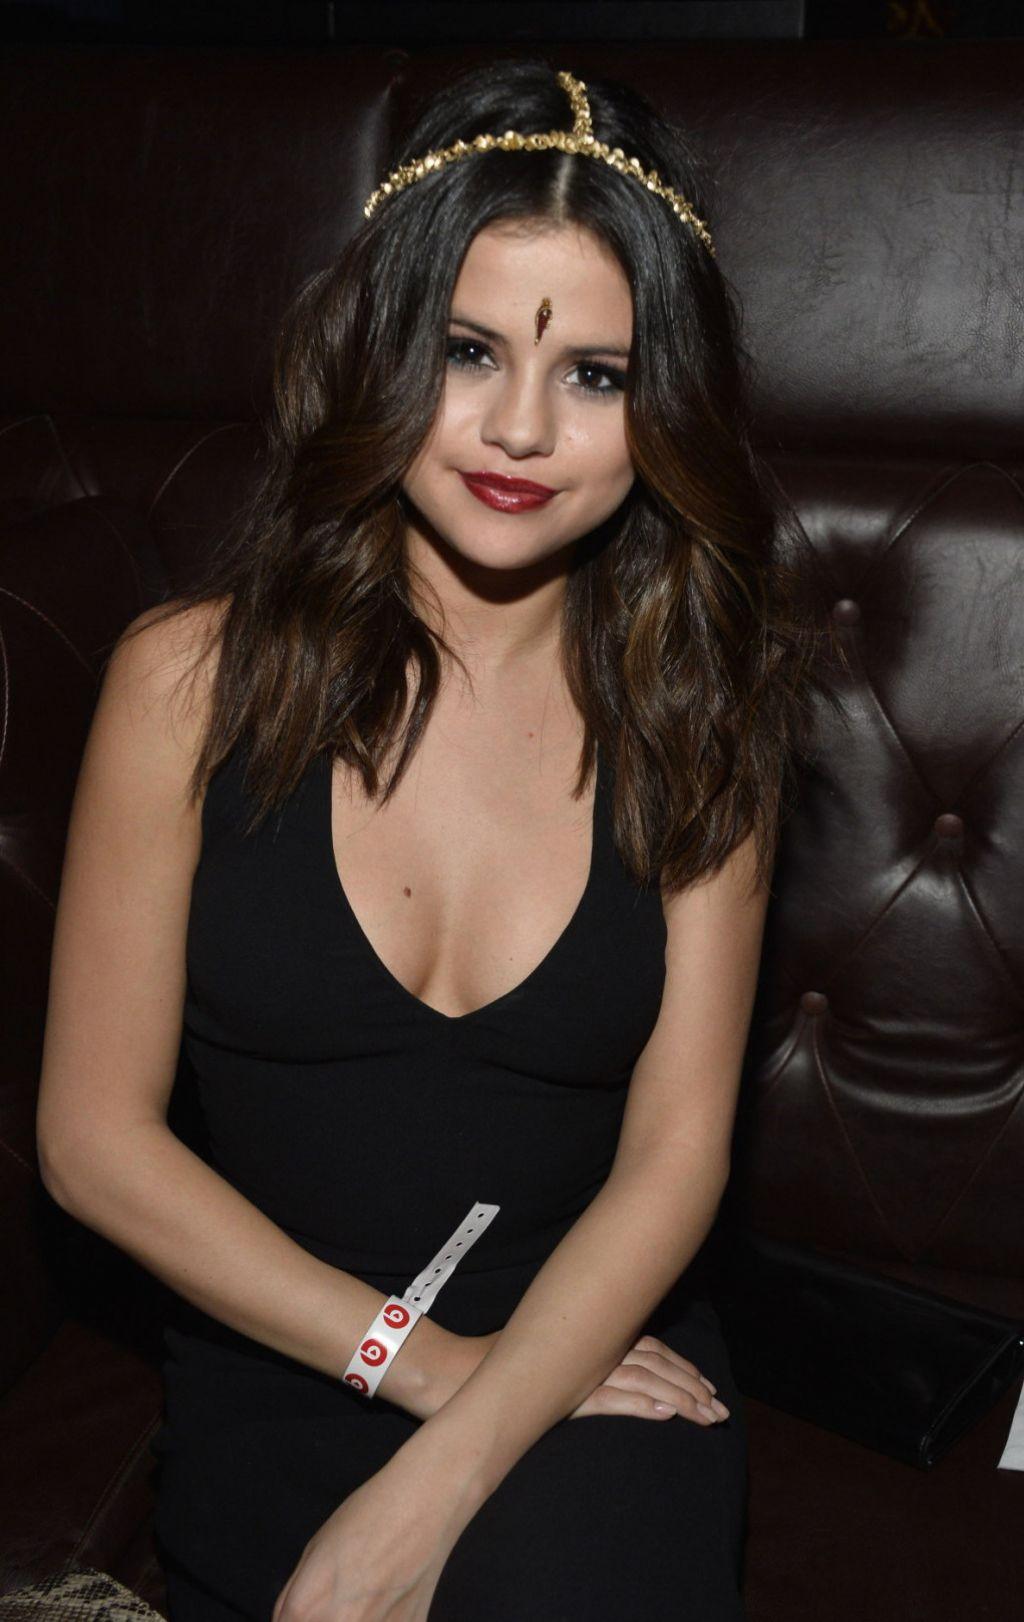 Selena gomez beats music launch party los angeles january 2014 - Photo selena gomez 2014 ...